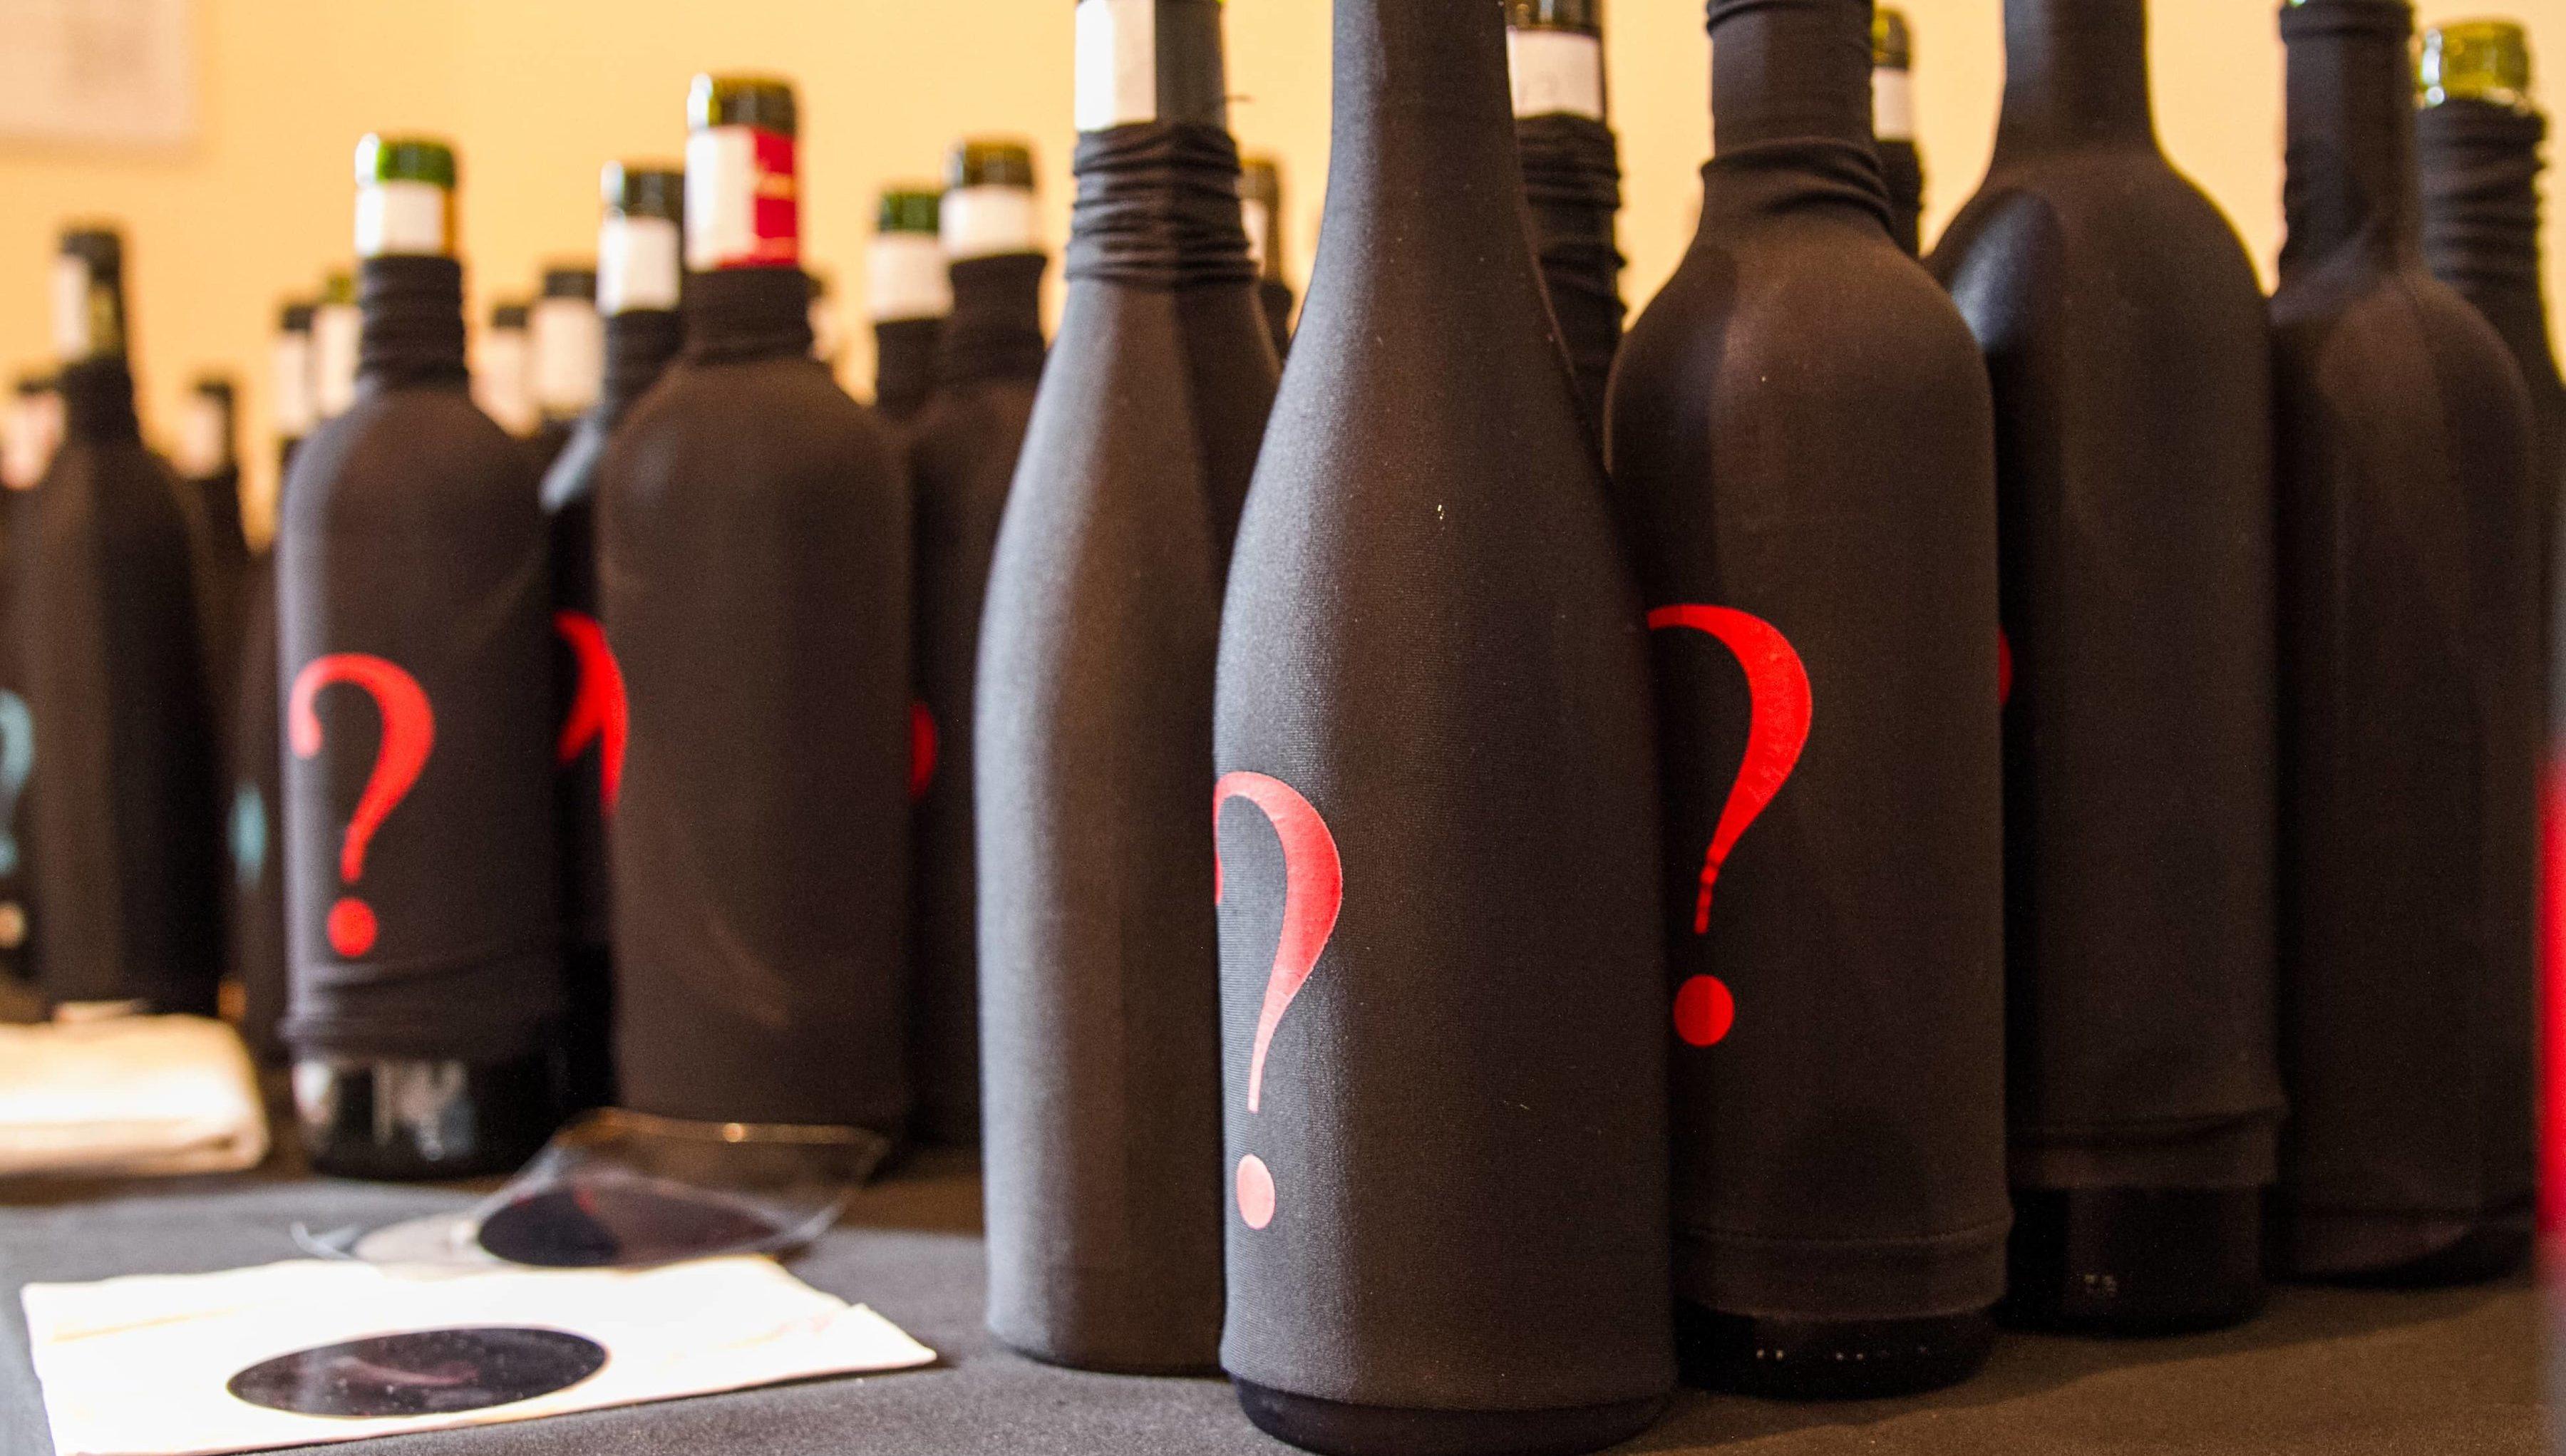 Le saviez-vous ? Prix d'une bouteille de vin